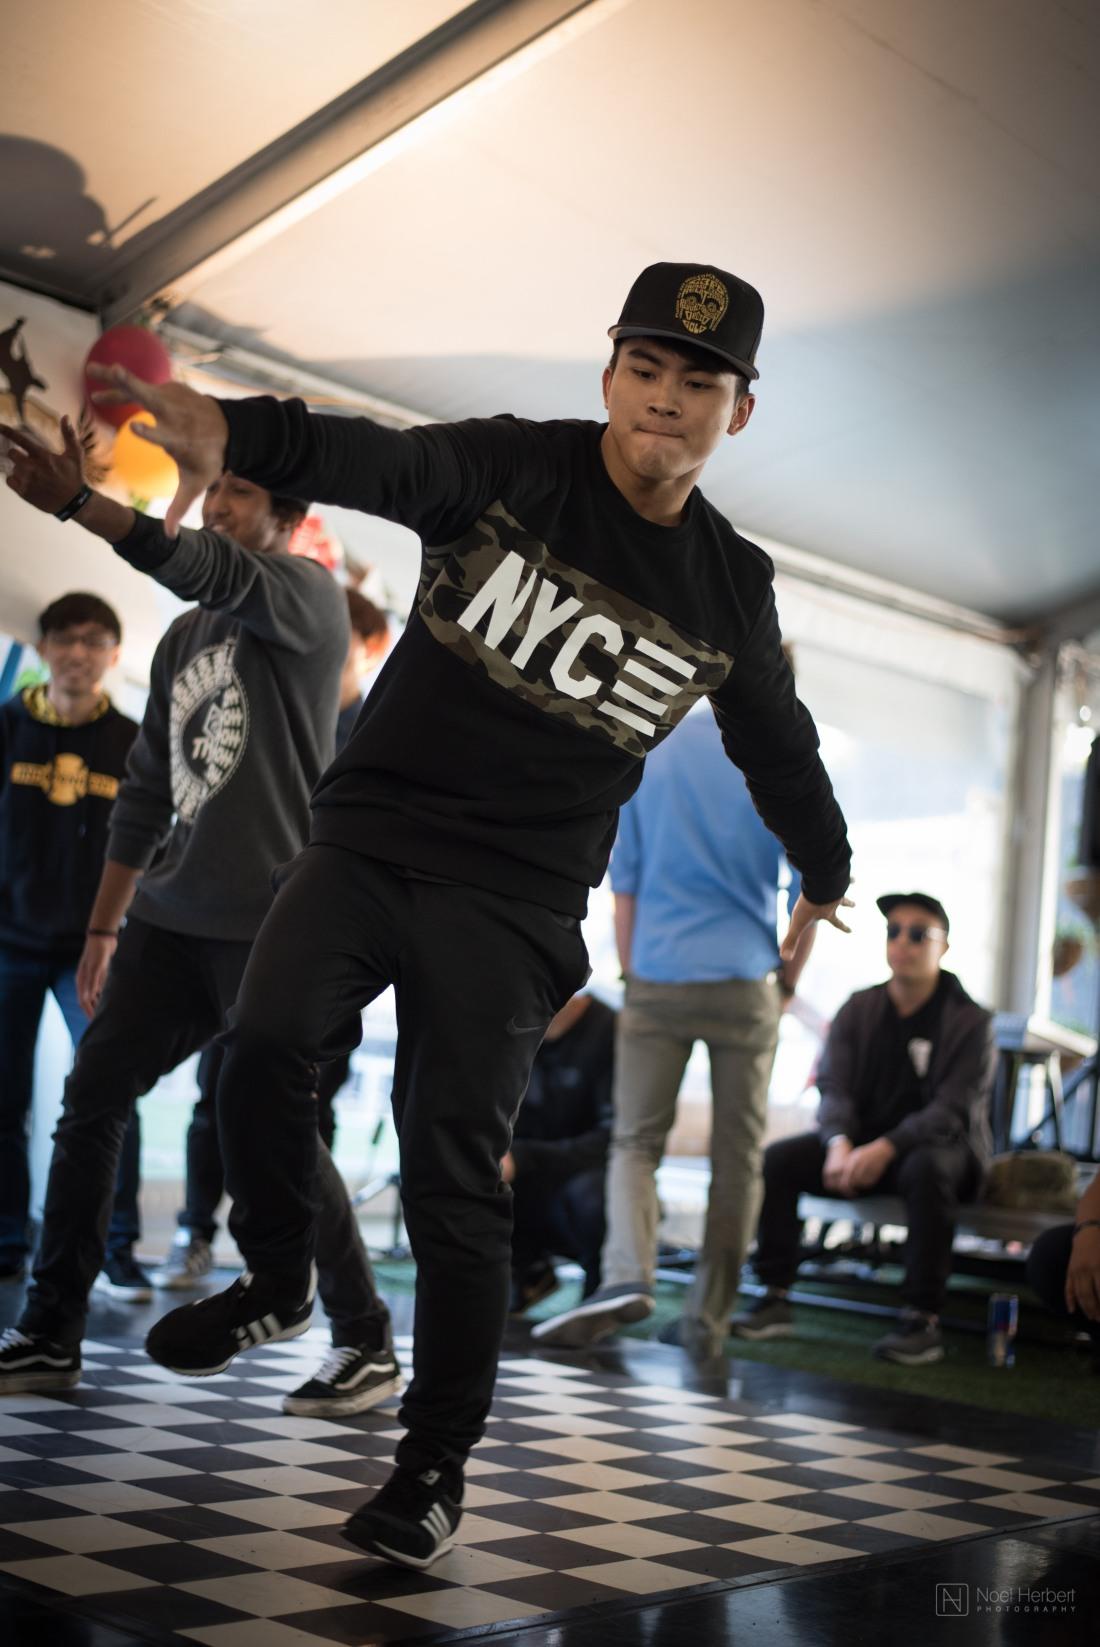 Dance_007